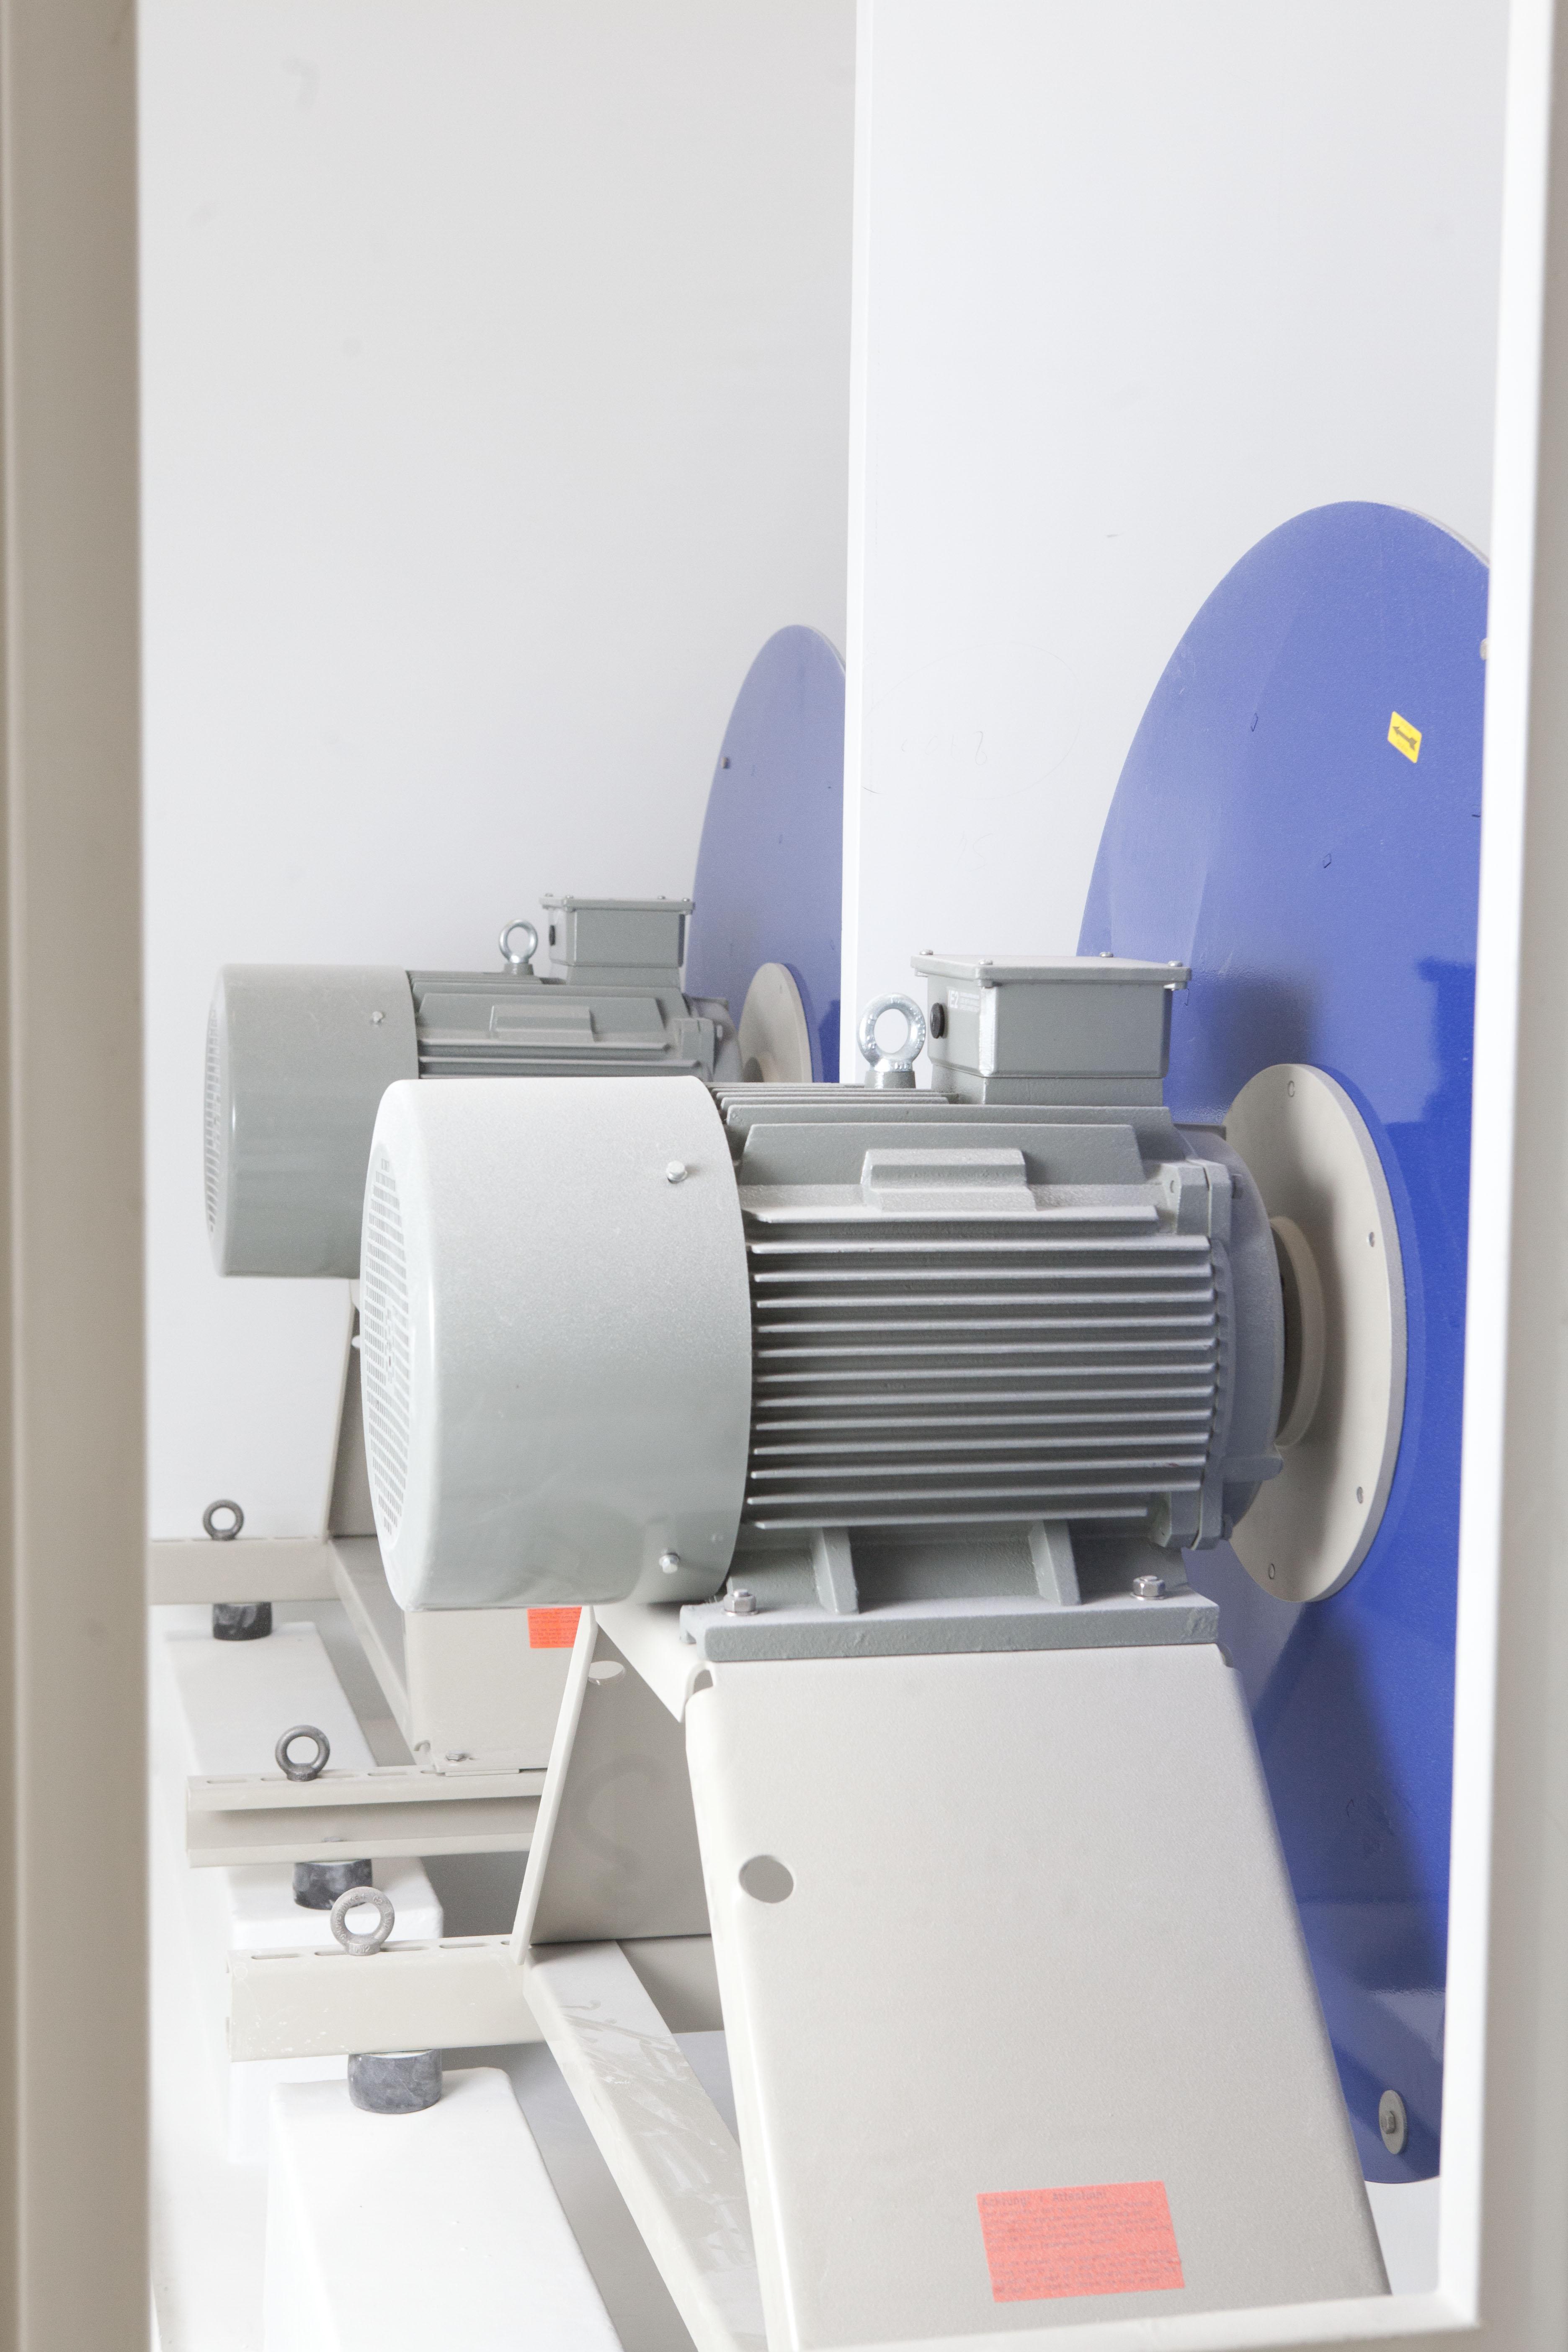 Centrale de traitement d'air - ventilateur